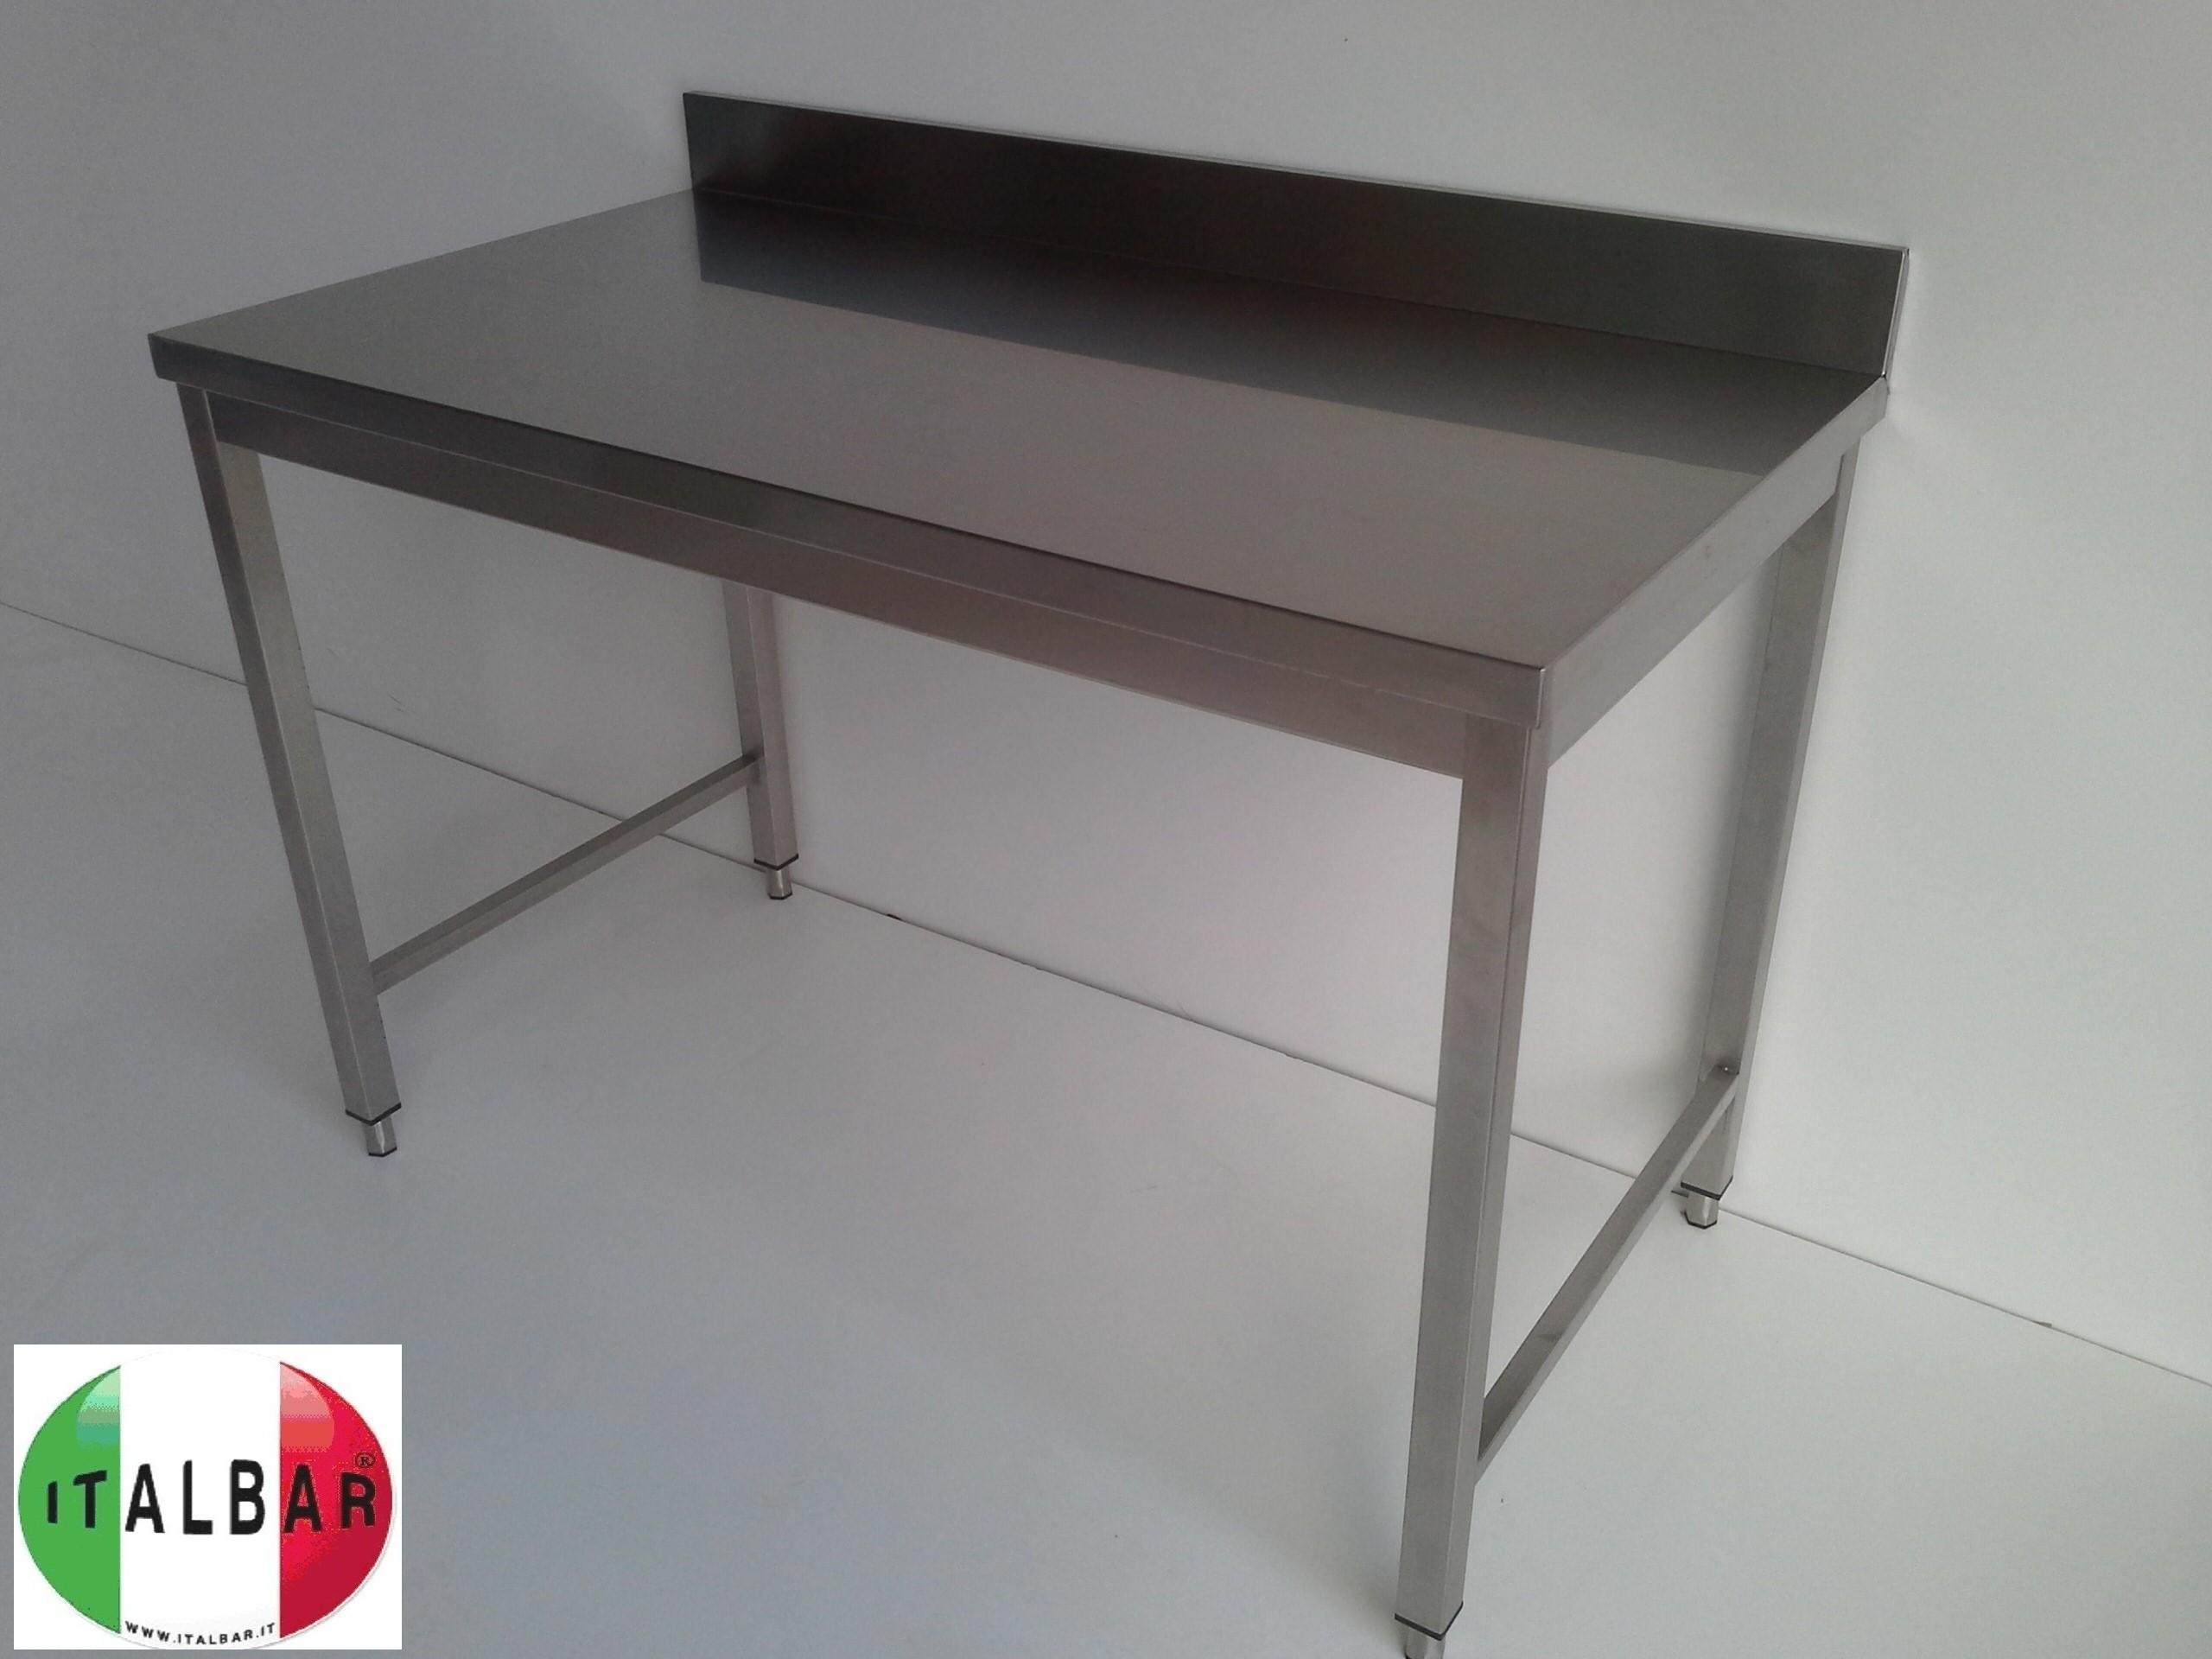 Lavagne cucina - Tavolo acciaio inox usato ...